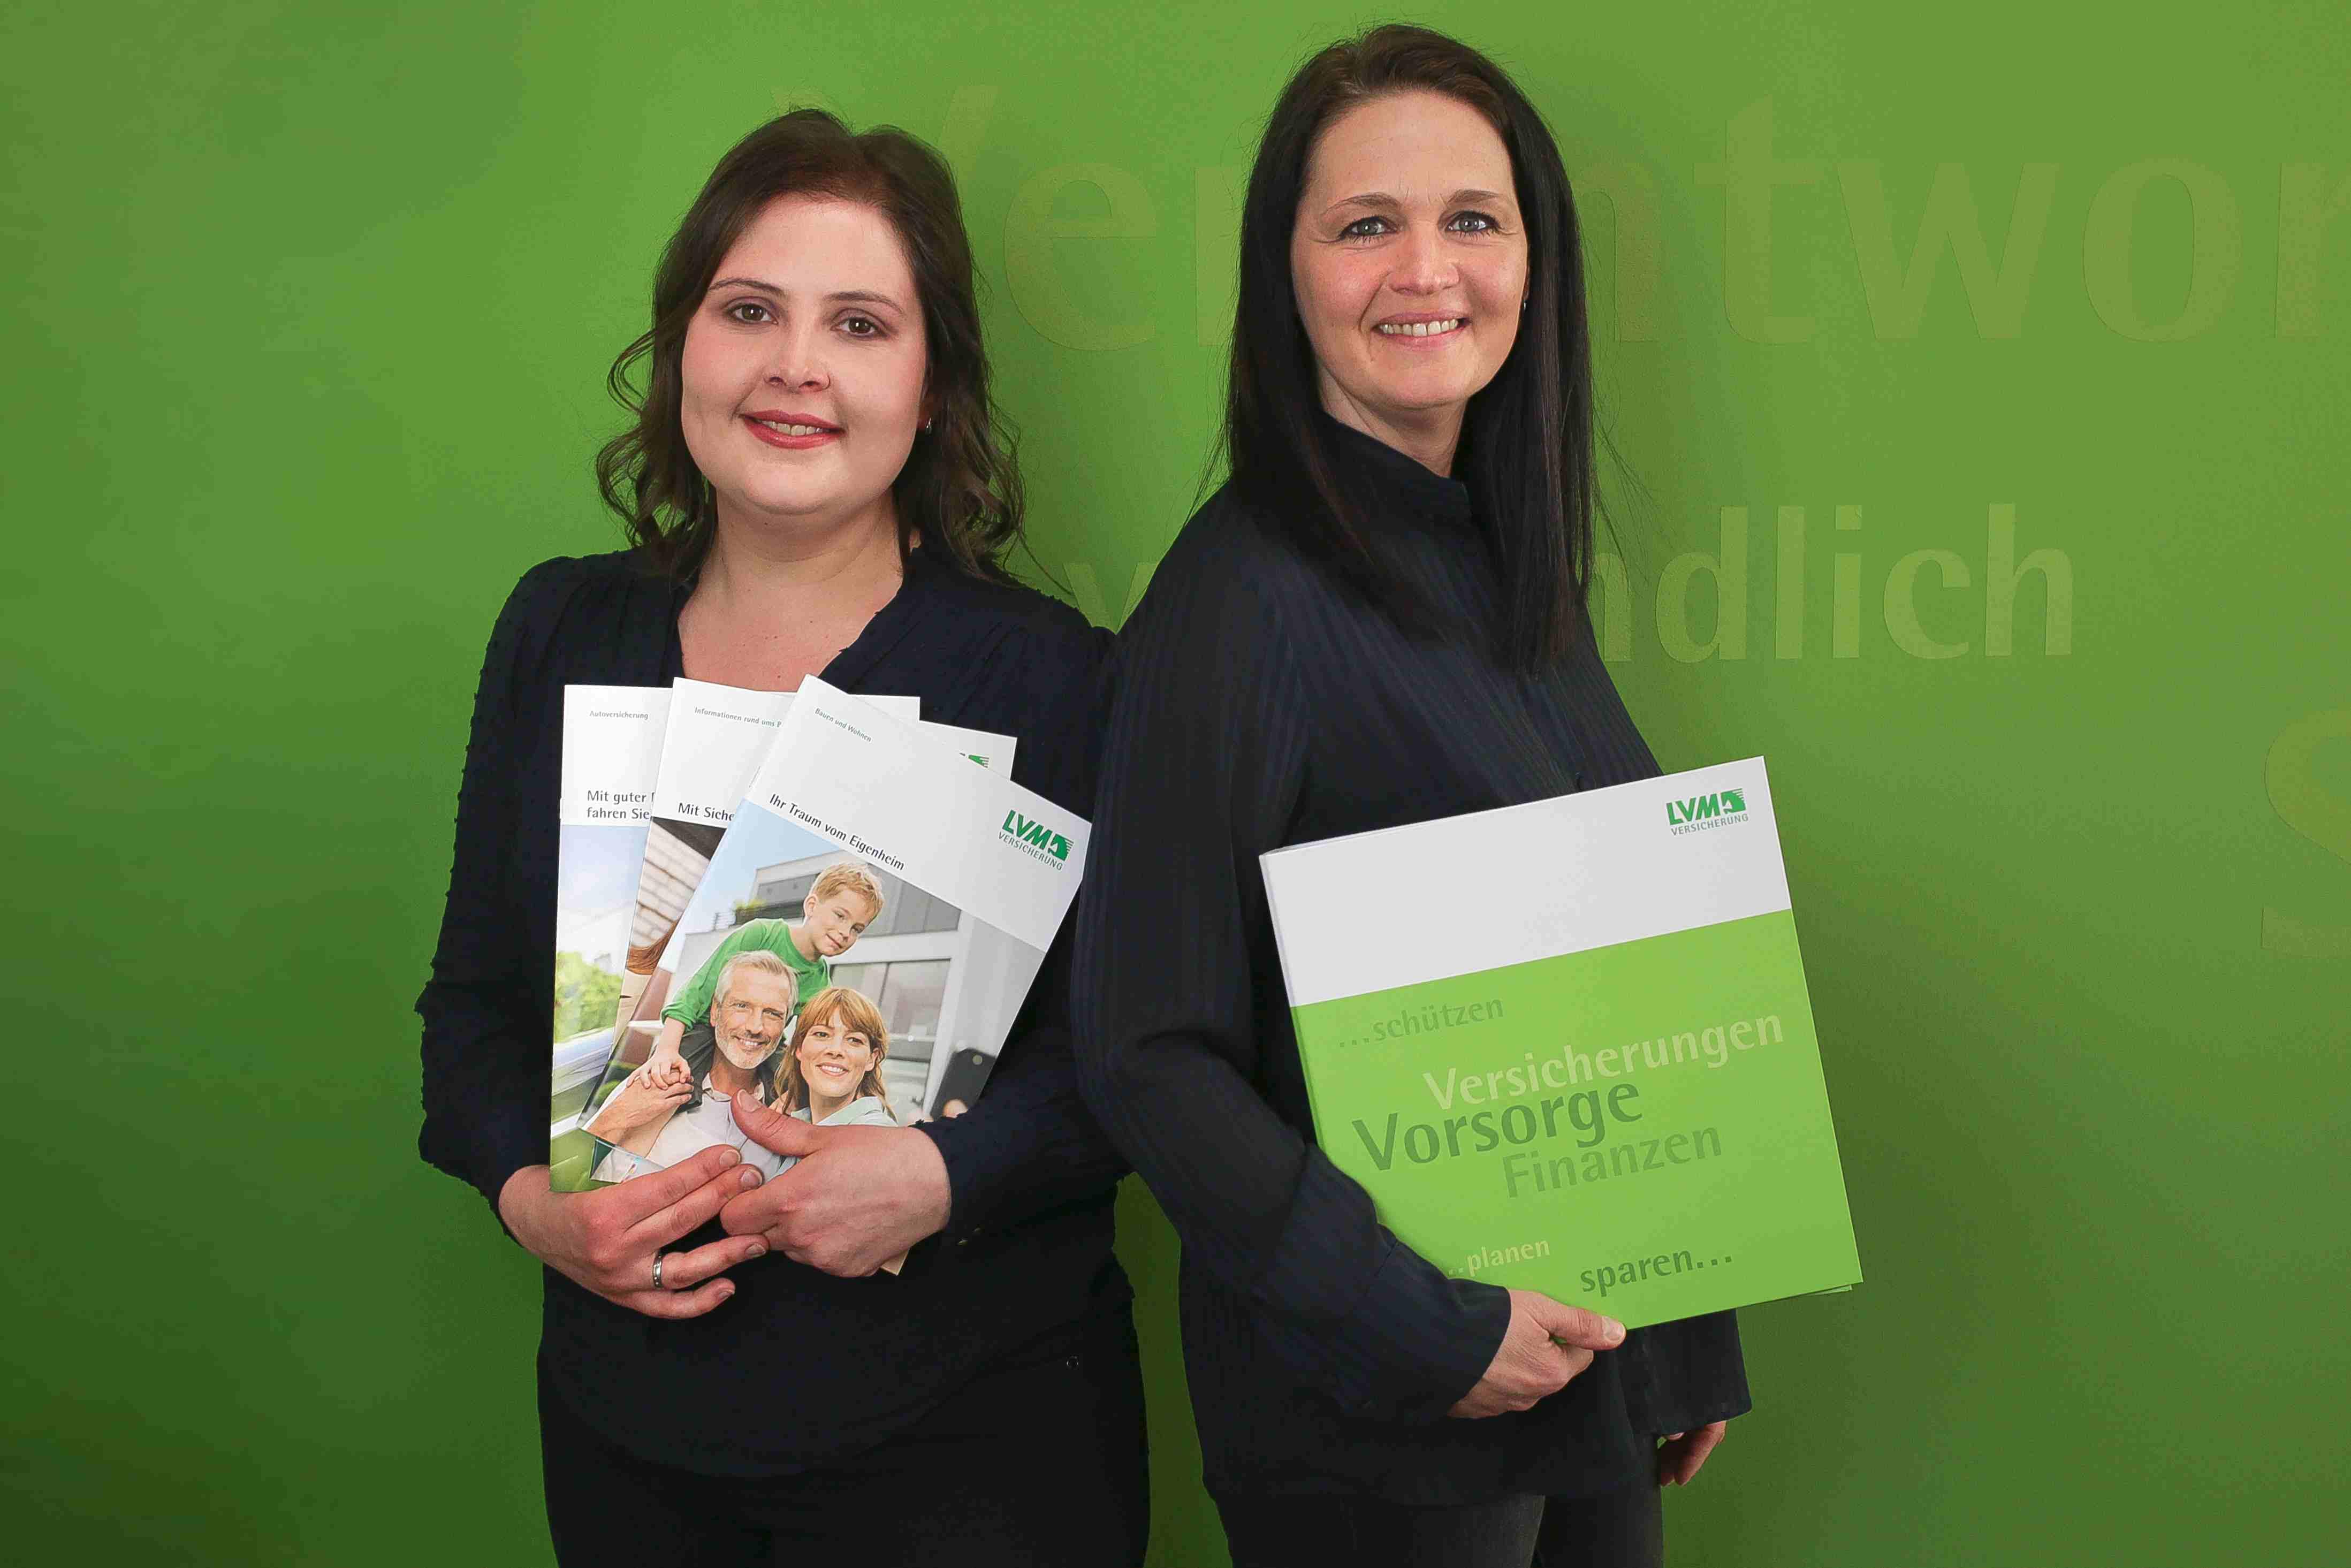 LVM Versicherung Anne Grossert - Versicherungsagentur